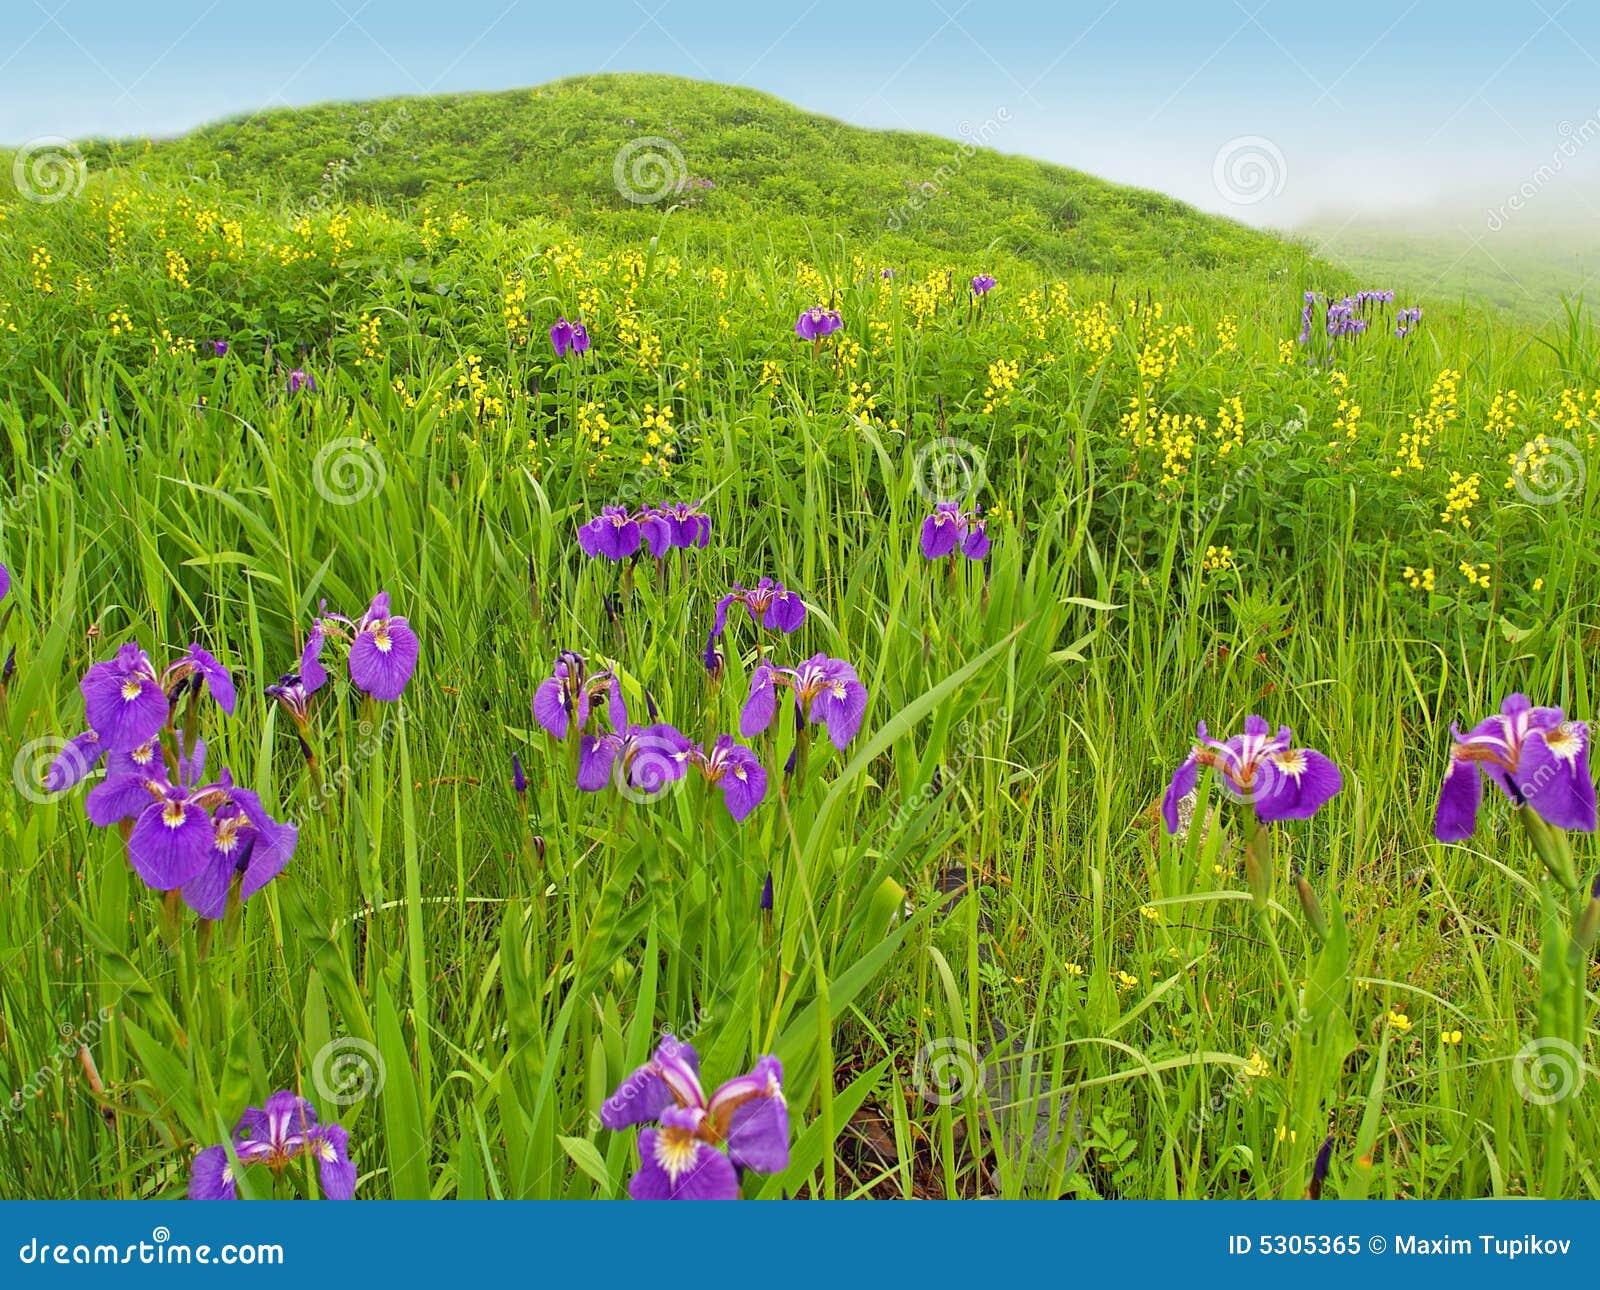 Download Paesaggio Del Prato Della Sorgente Con I Fiori Viola Immagine Stock - Immagine di nebbia, petali: 5305365